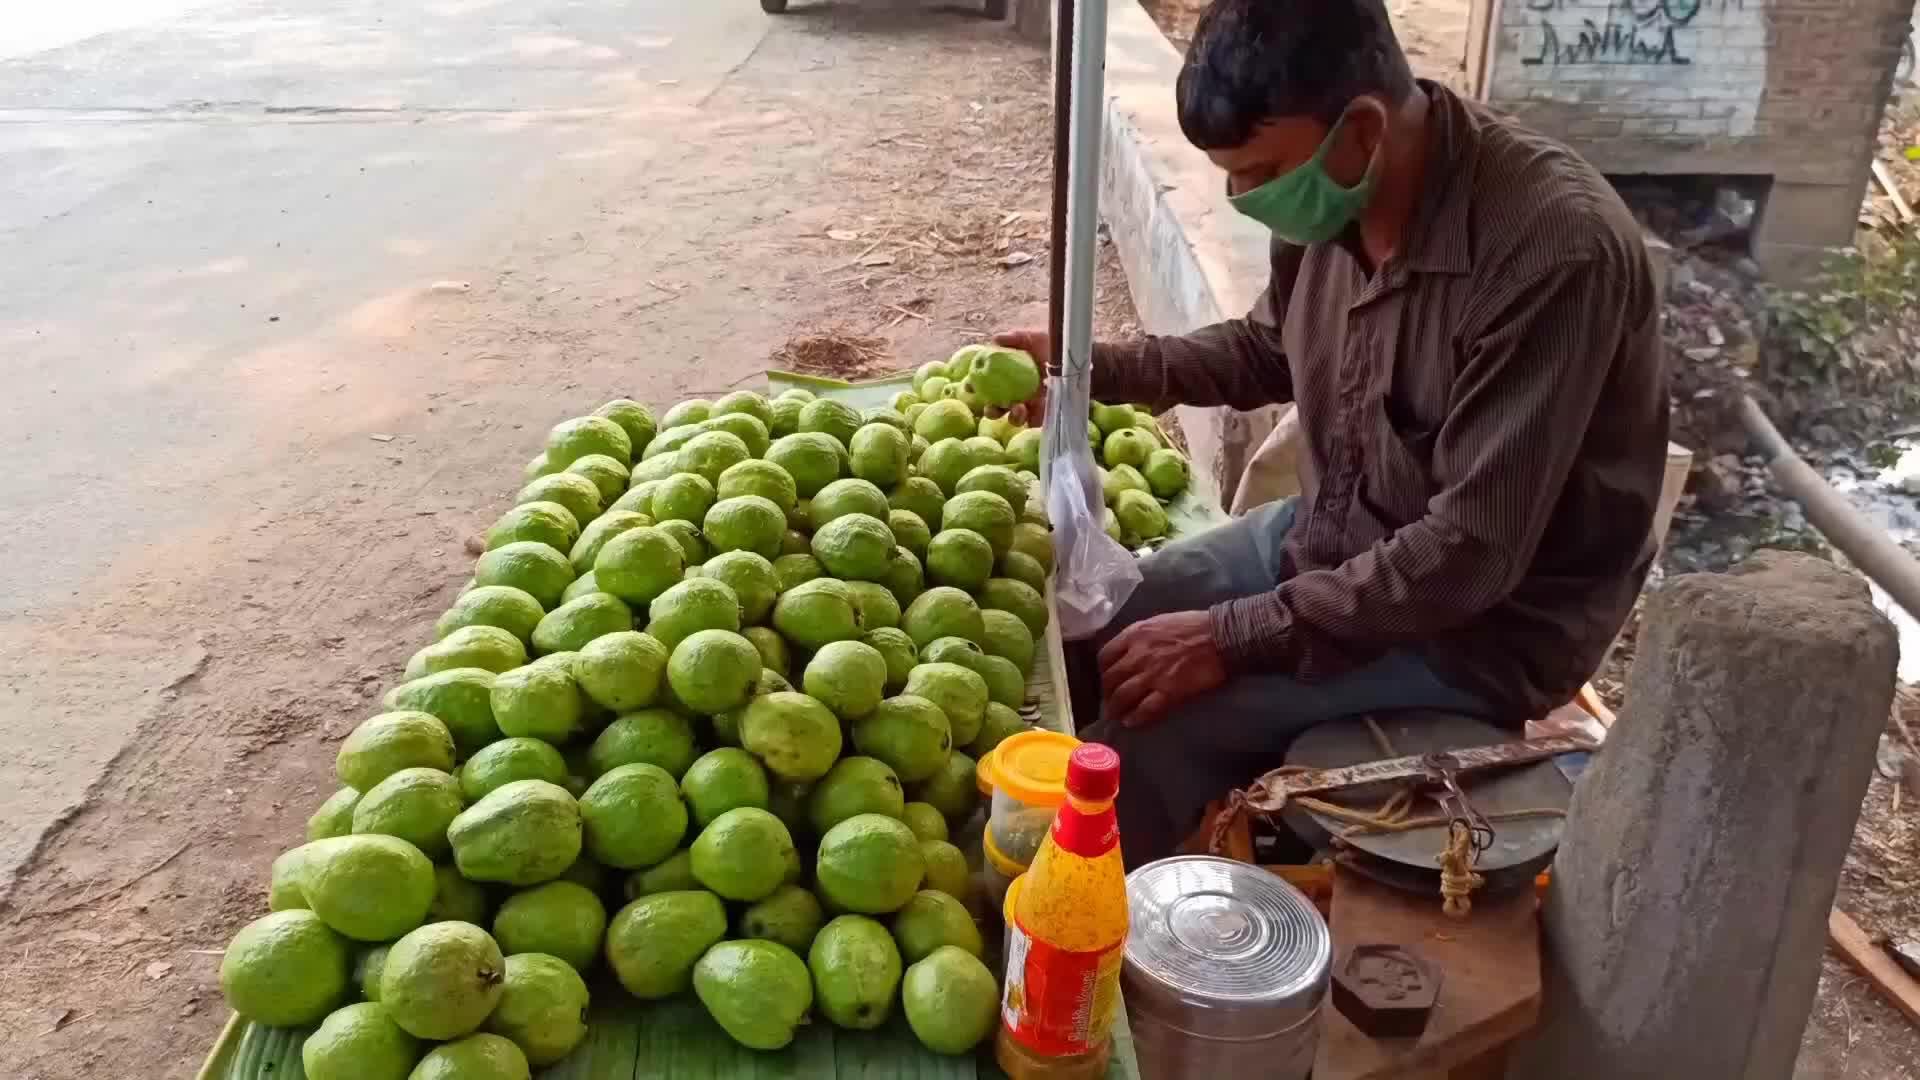 印度人吃番石榴方式真奇葩,切块加点咖喱拌一拌,又让人开眼了!